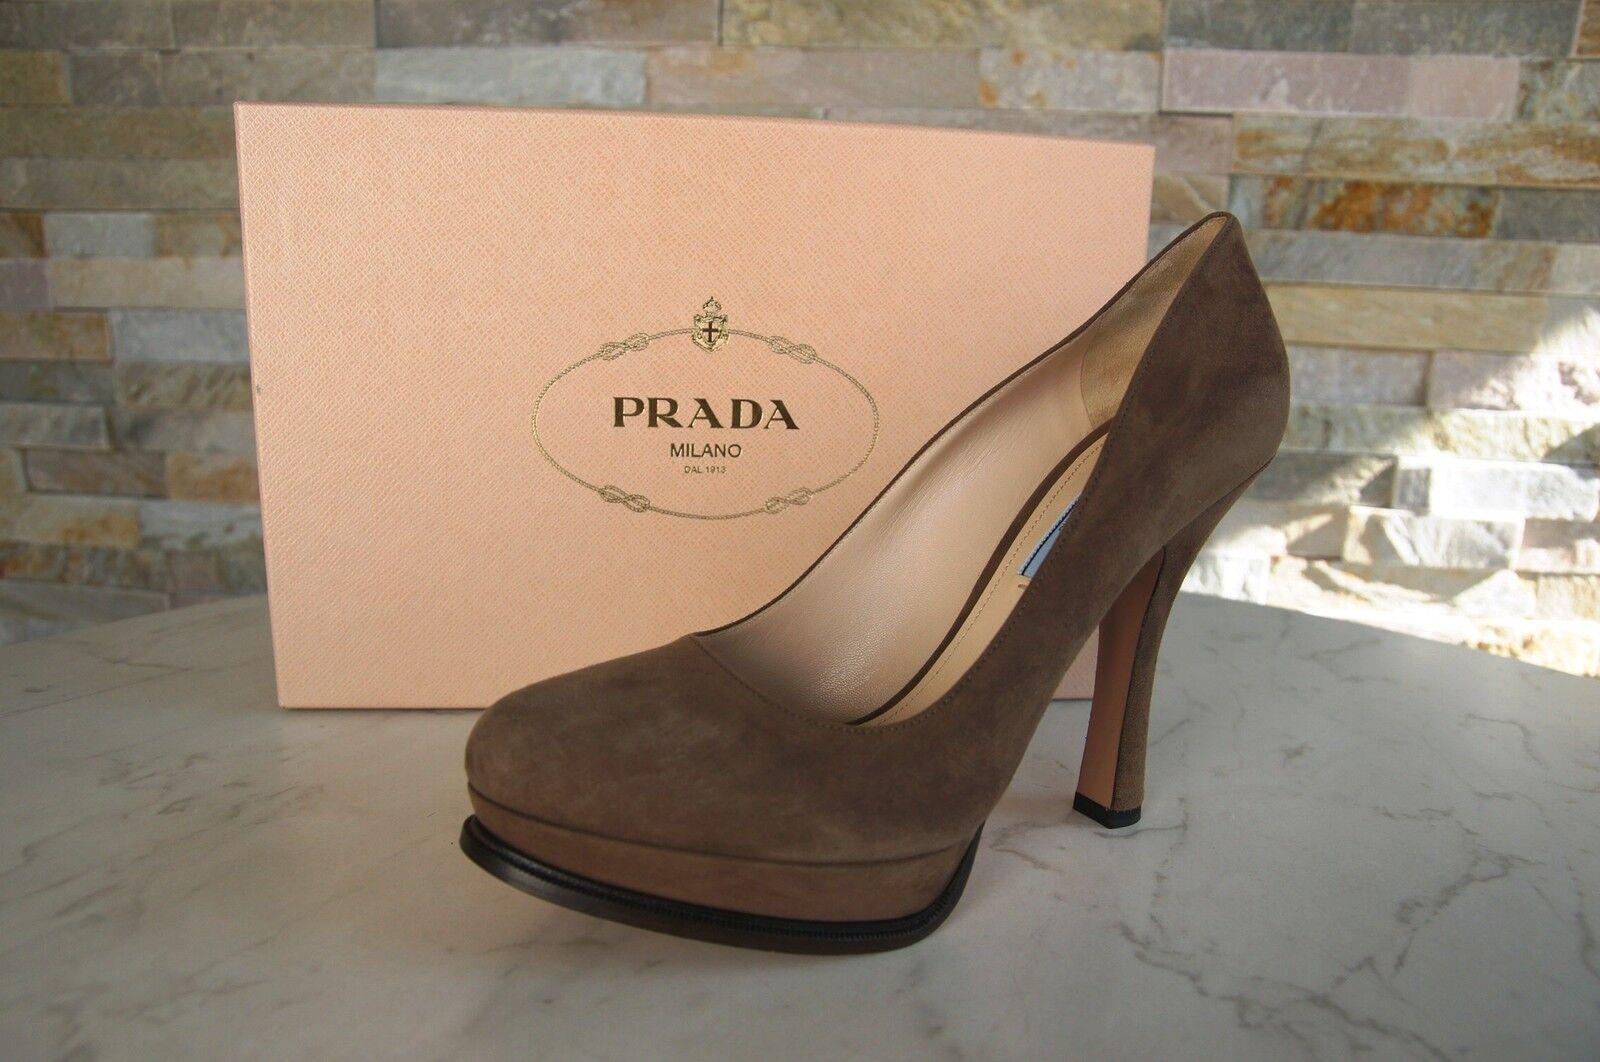 Luxus Prada Schuhe Gr 39,5 39,5 Gr Pumps Plateau Schuhes Schuhe Prada scarpe 8e5af8